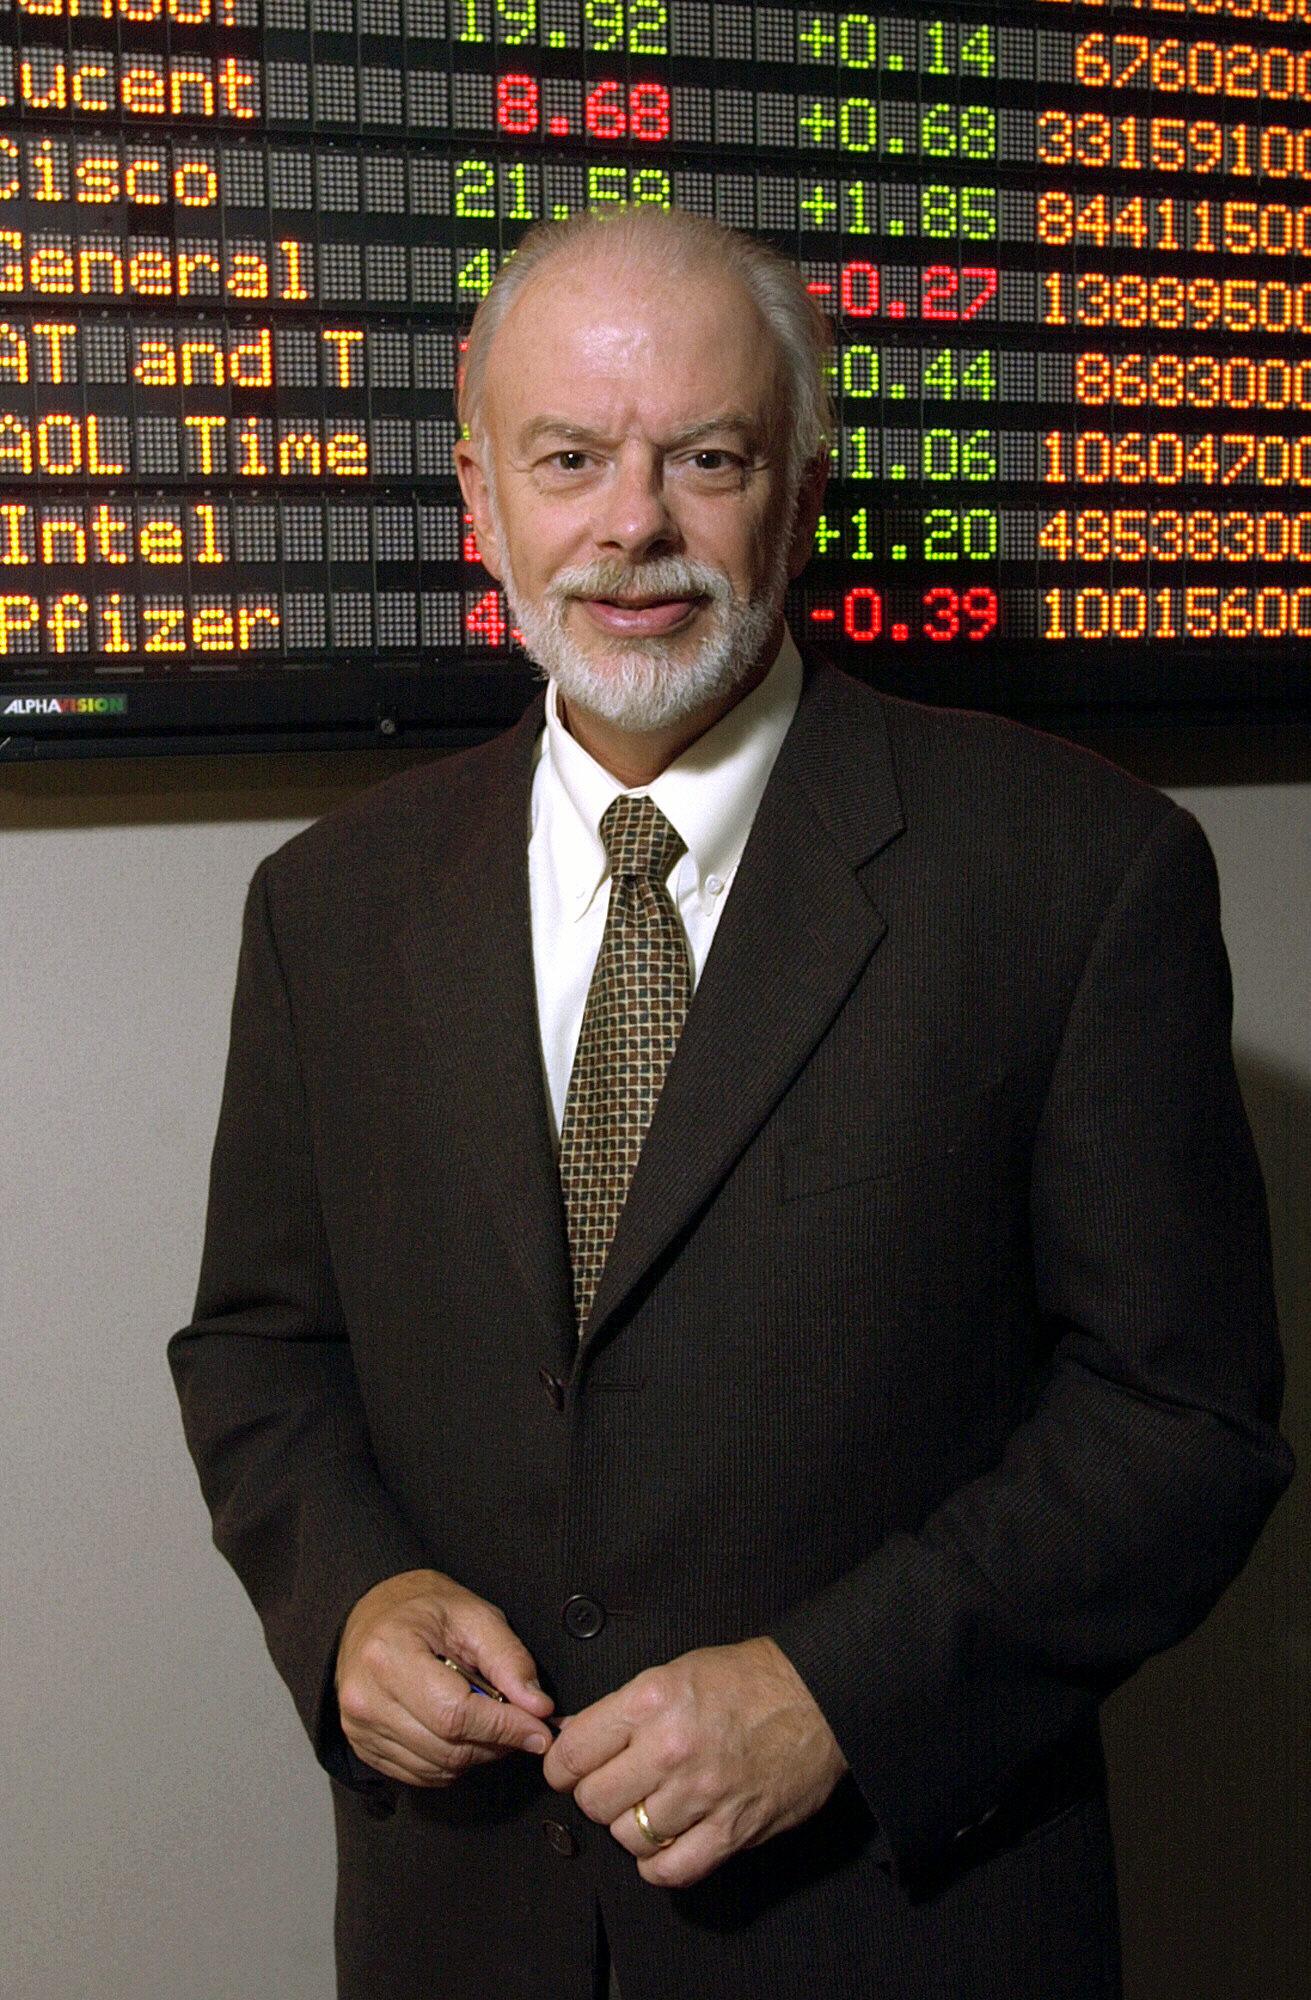 John C. Mowen